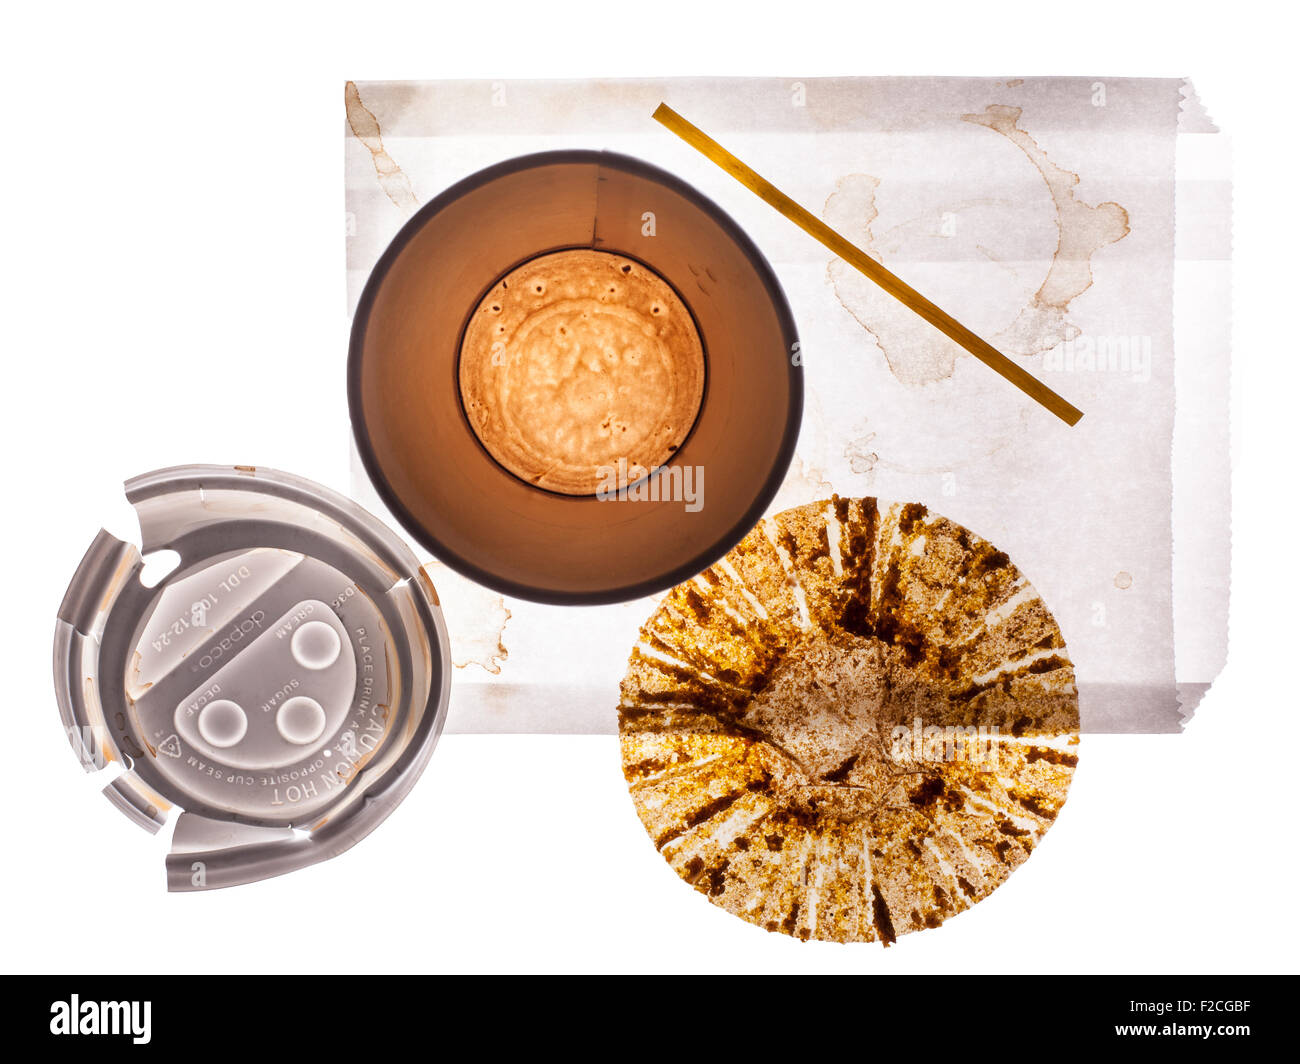 Vue de dessus de la tasse de café en papier vide, couvercle, muffin vide wrapper, agitateur, sac en papier Photo Stock